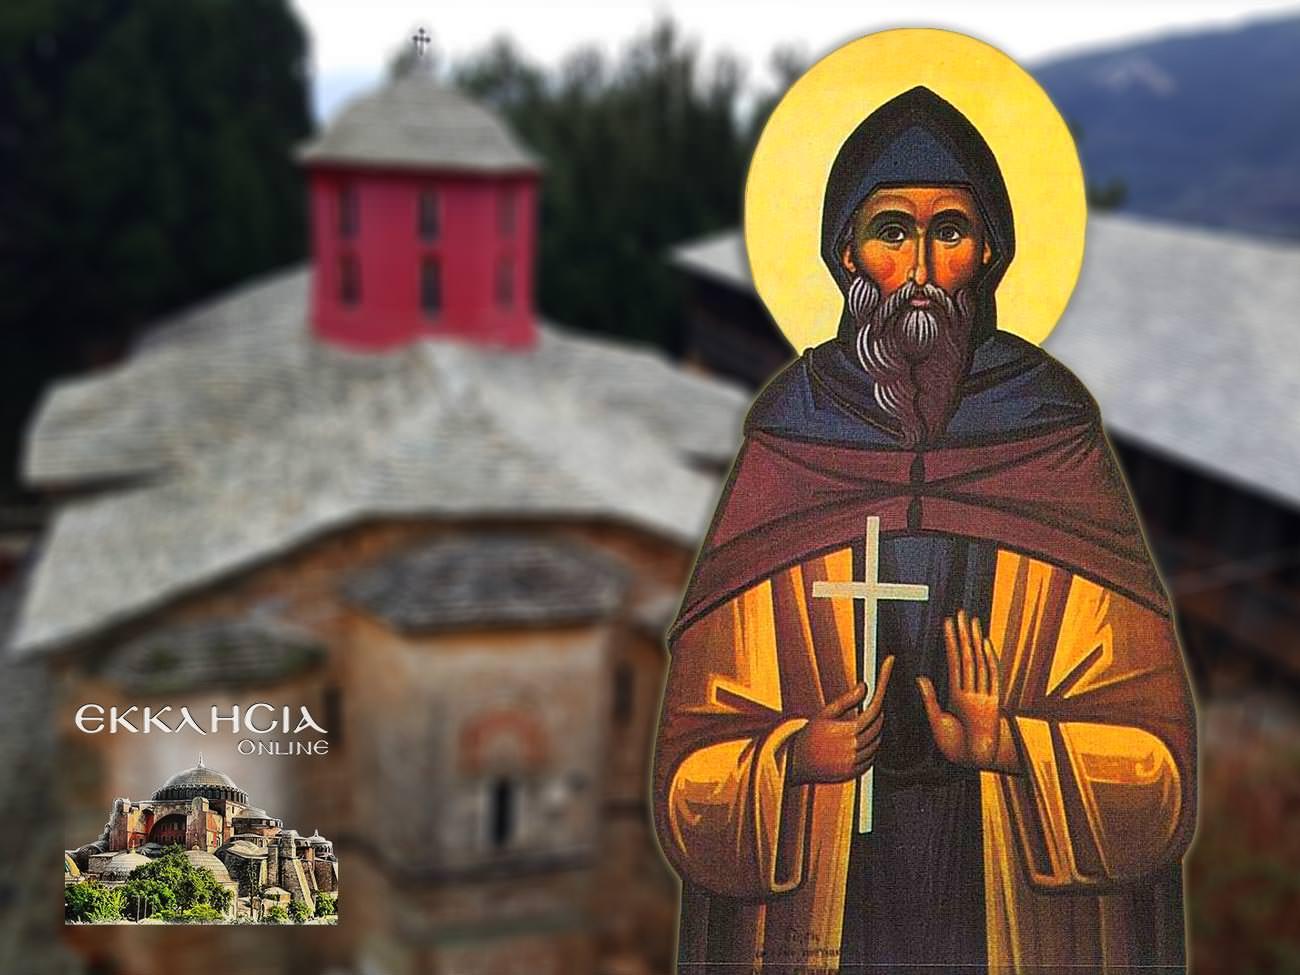 Άγιος Σάββας ο Οσιομάρτυρας ο Σταγειρίτης 10 Ιουνίου